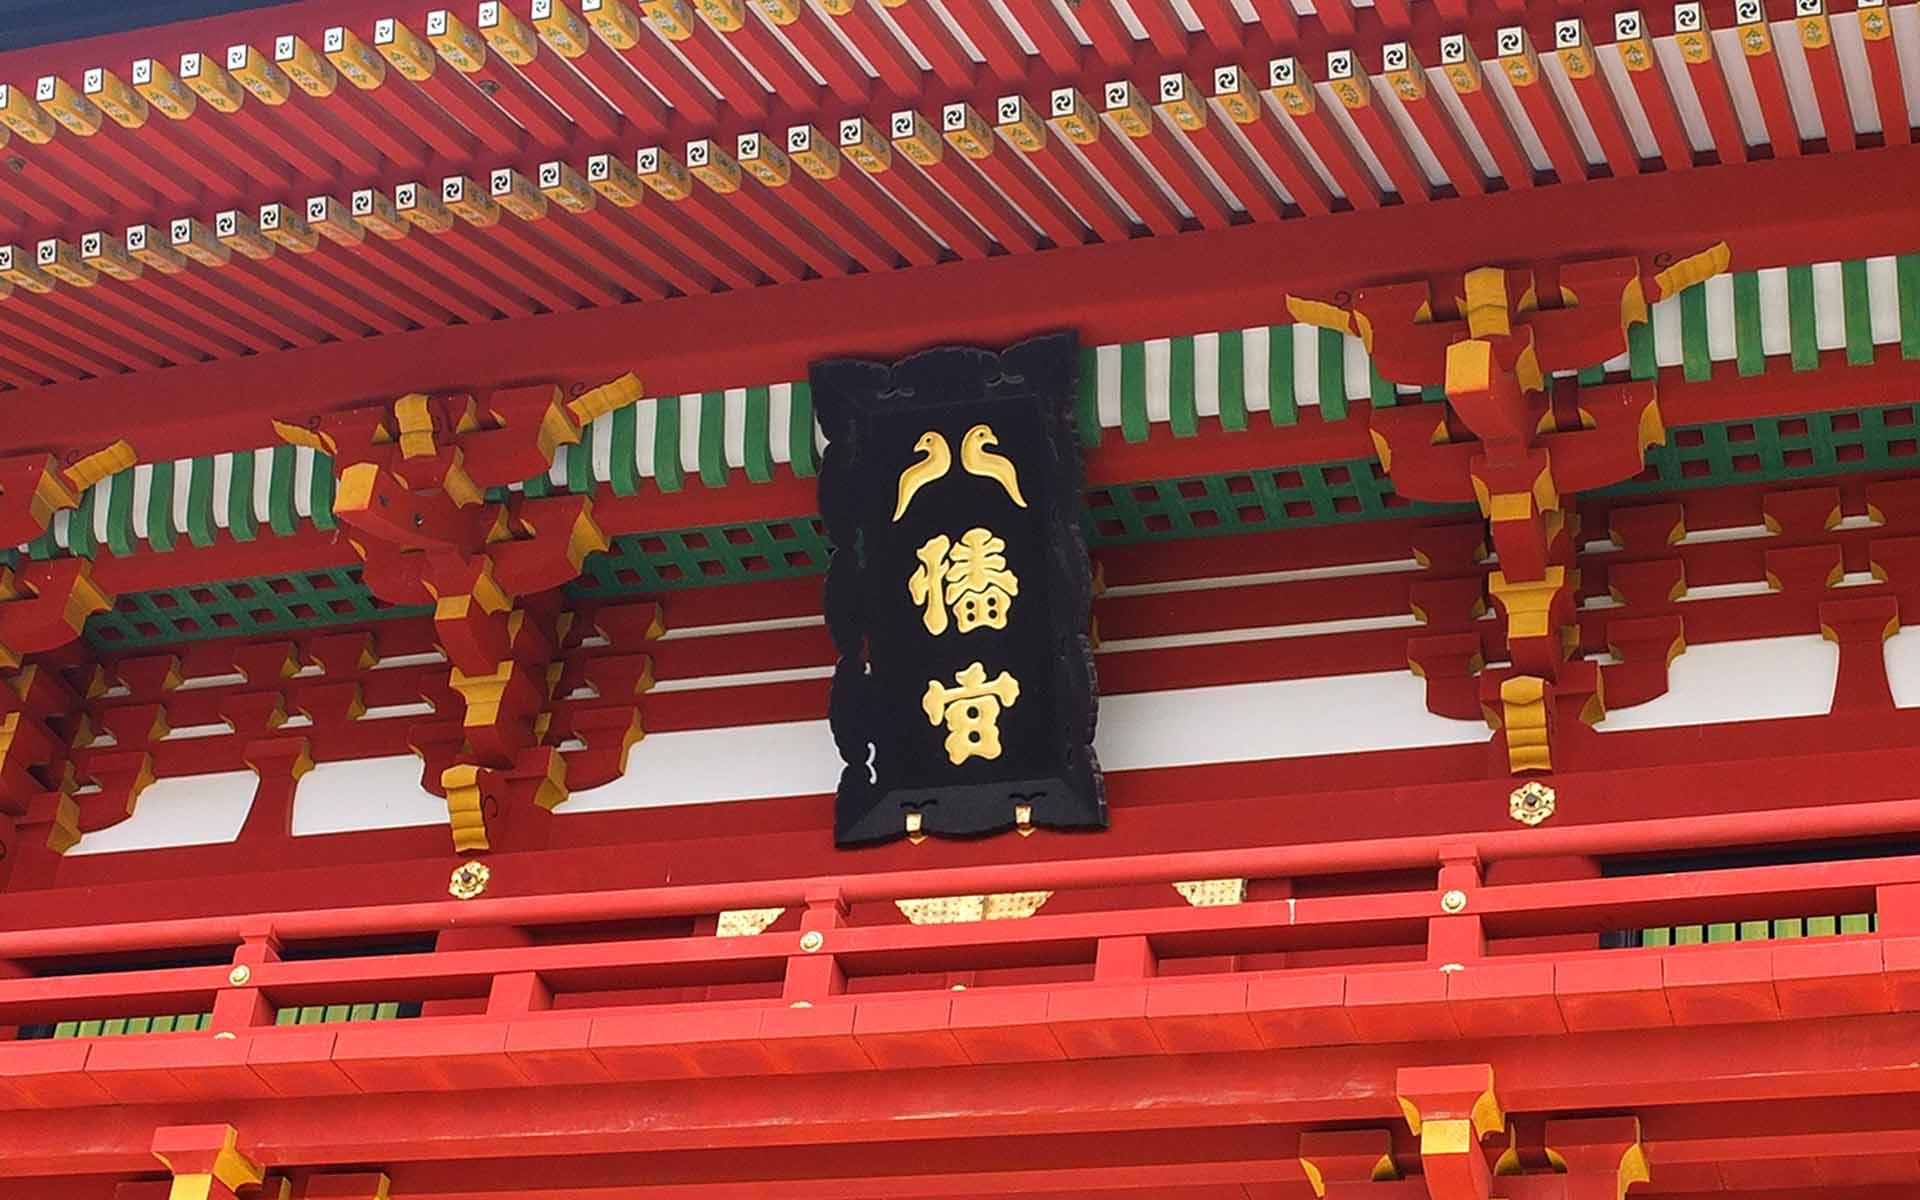 当初は「八幡宮寺」でしたが、明治初年の神仏分離令で寺の字が取られたそうです